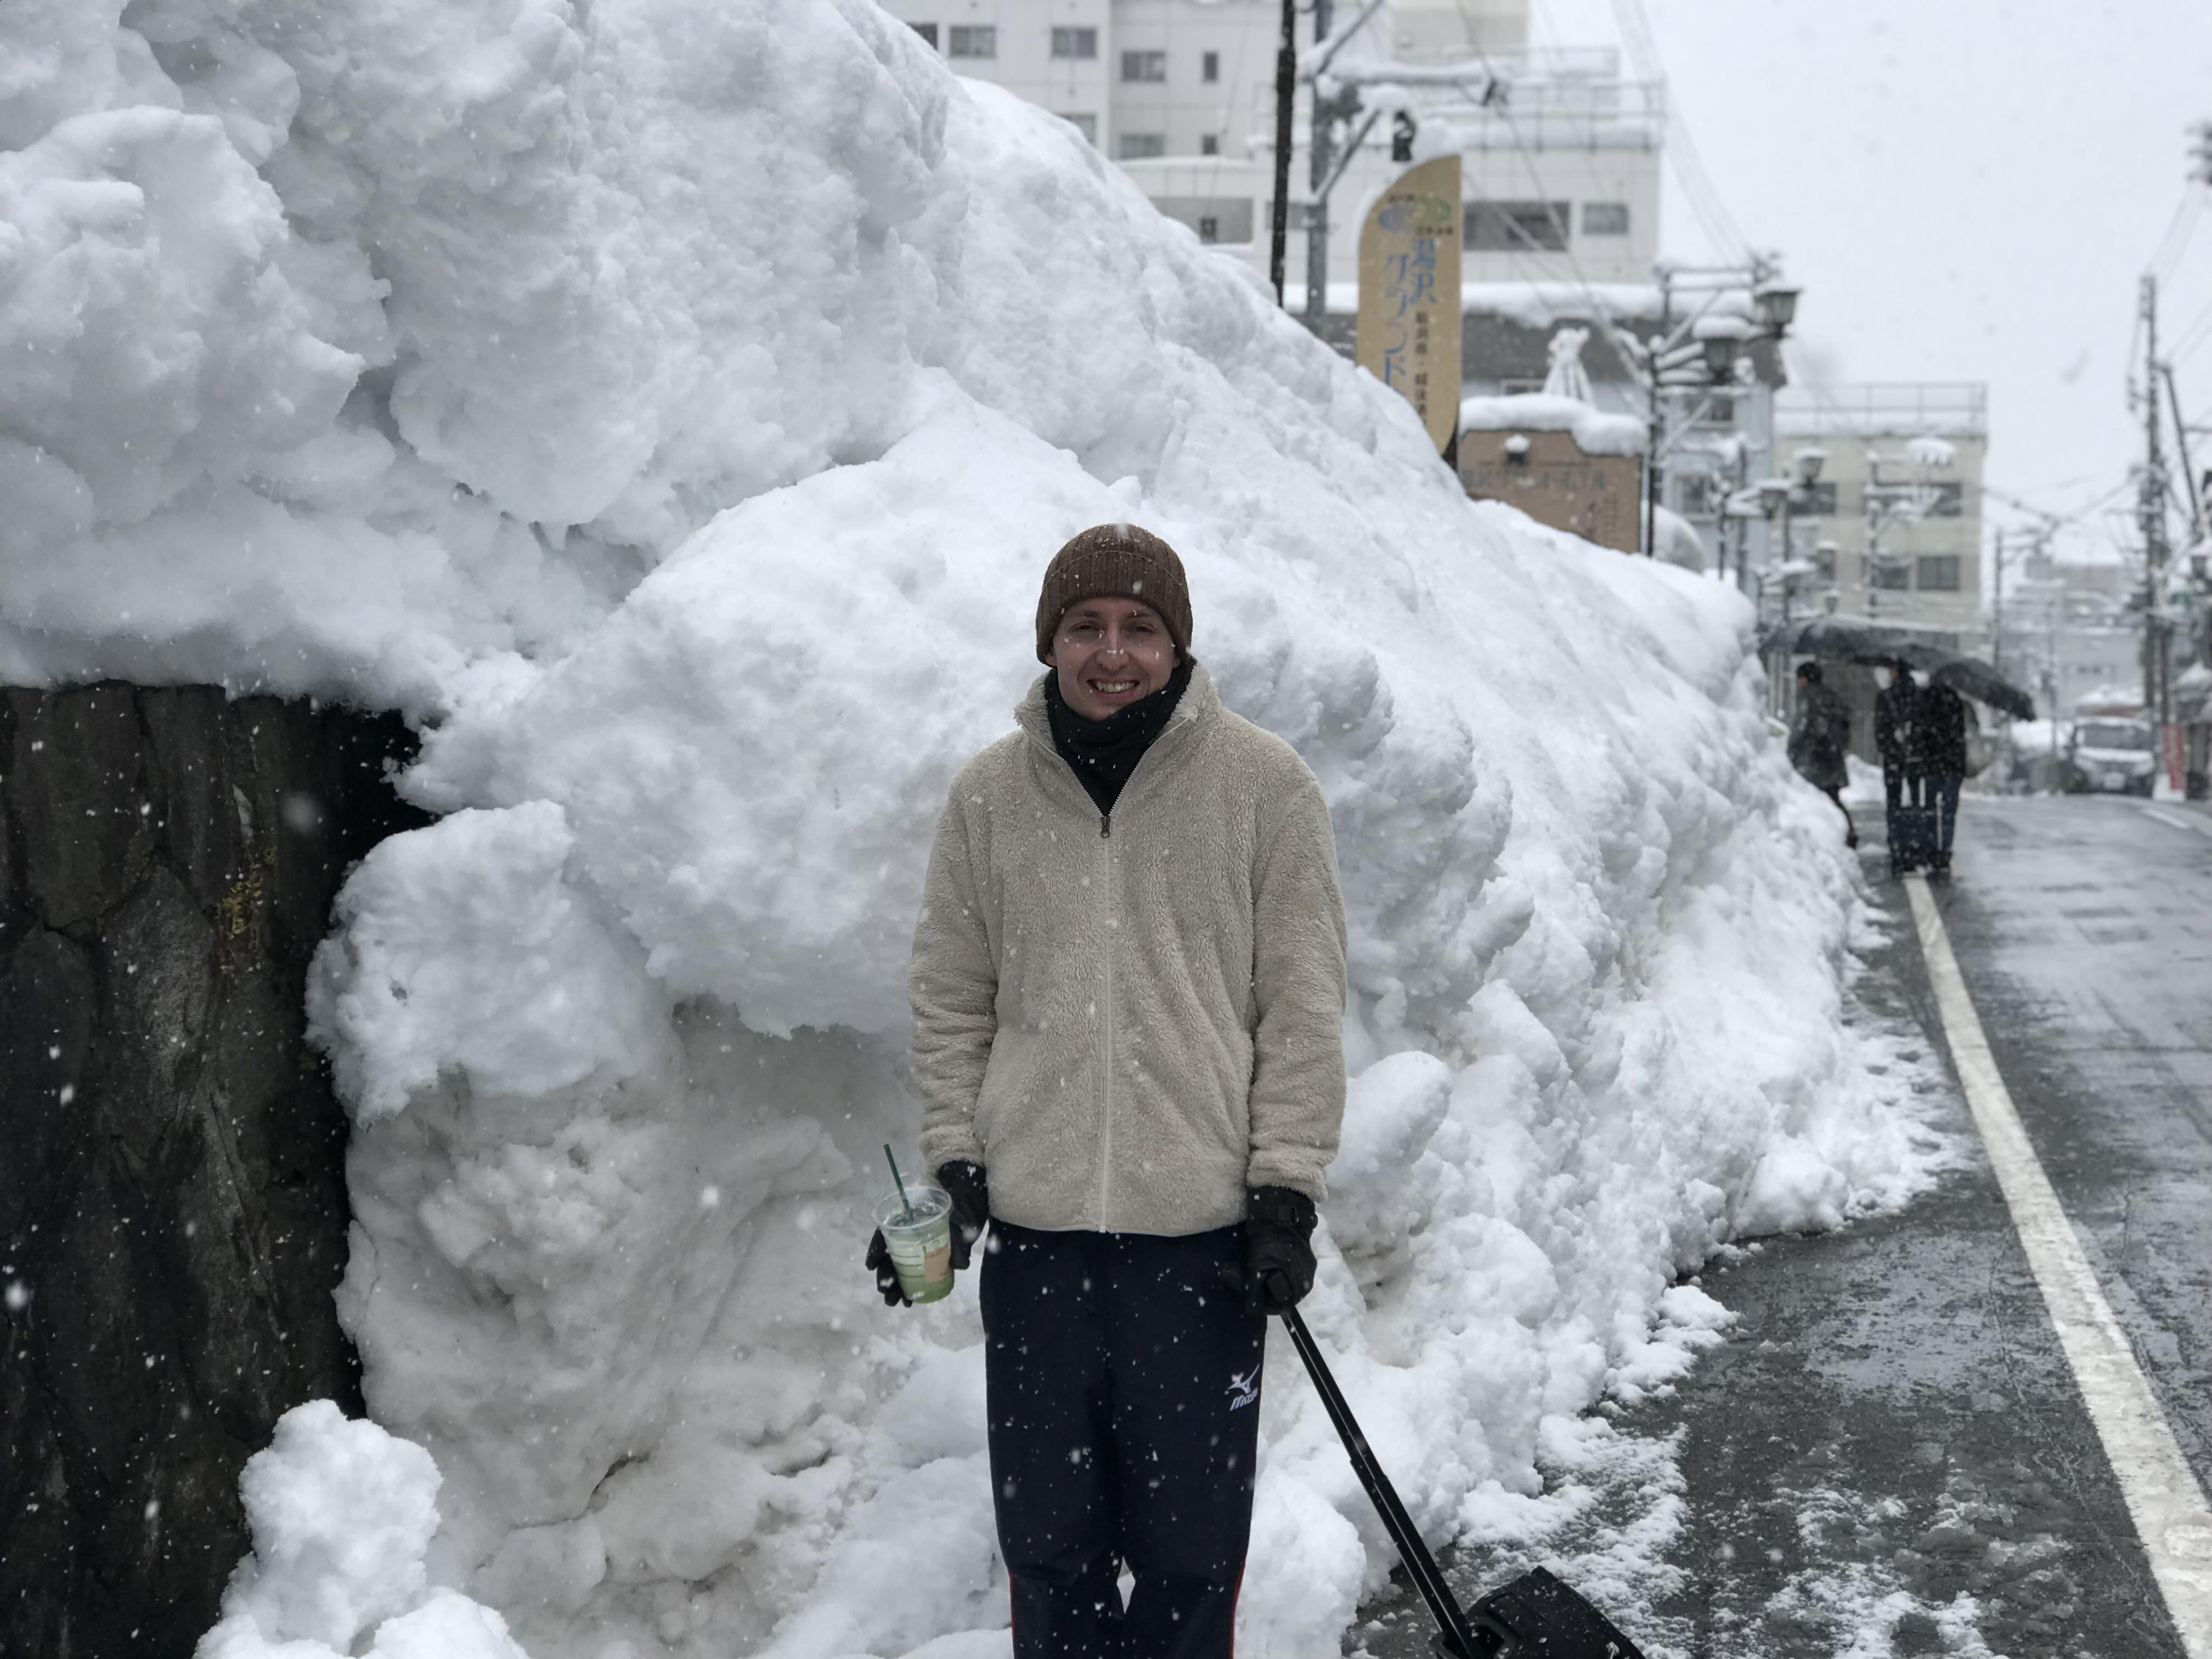 積雪 越後湯沢 スキー スノーボード 一時帰国